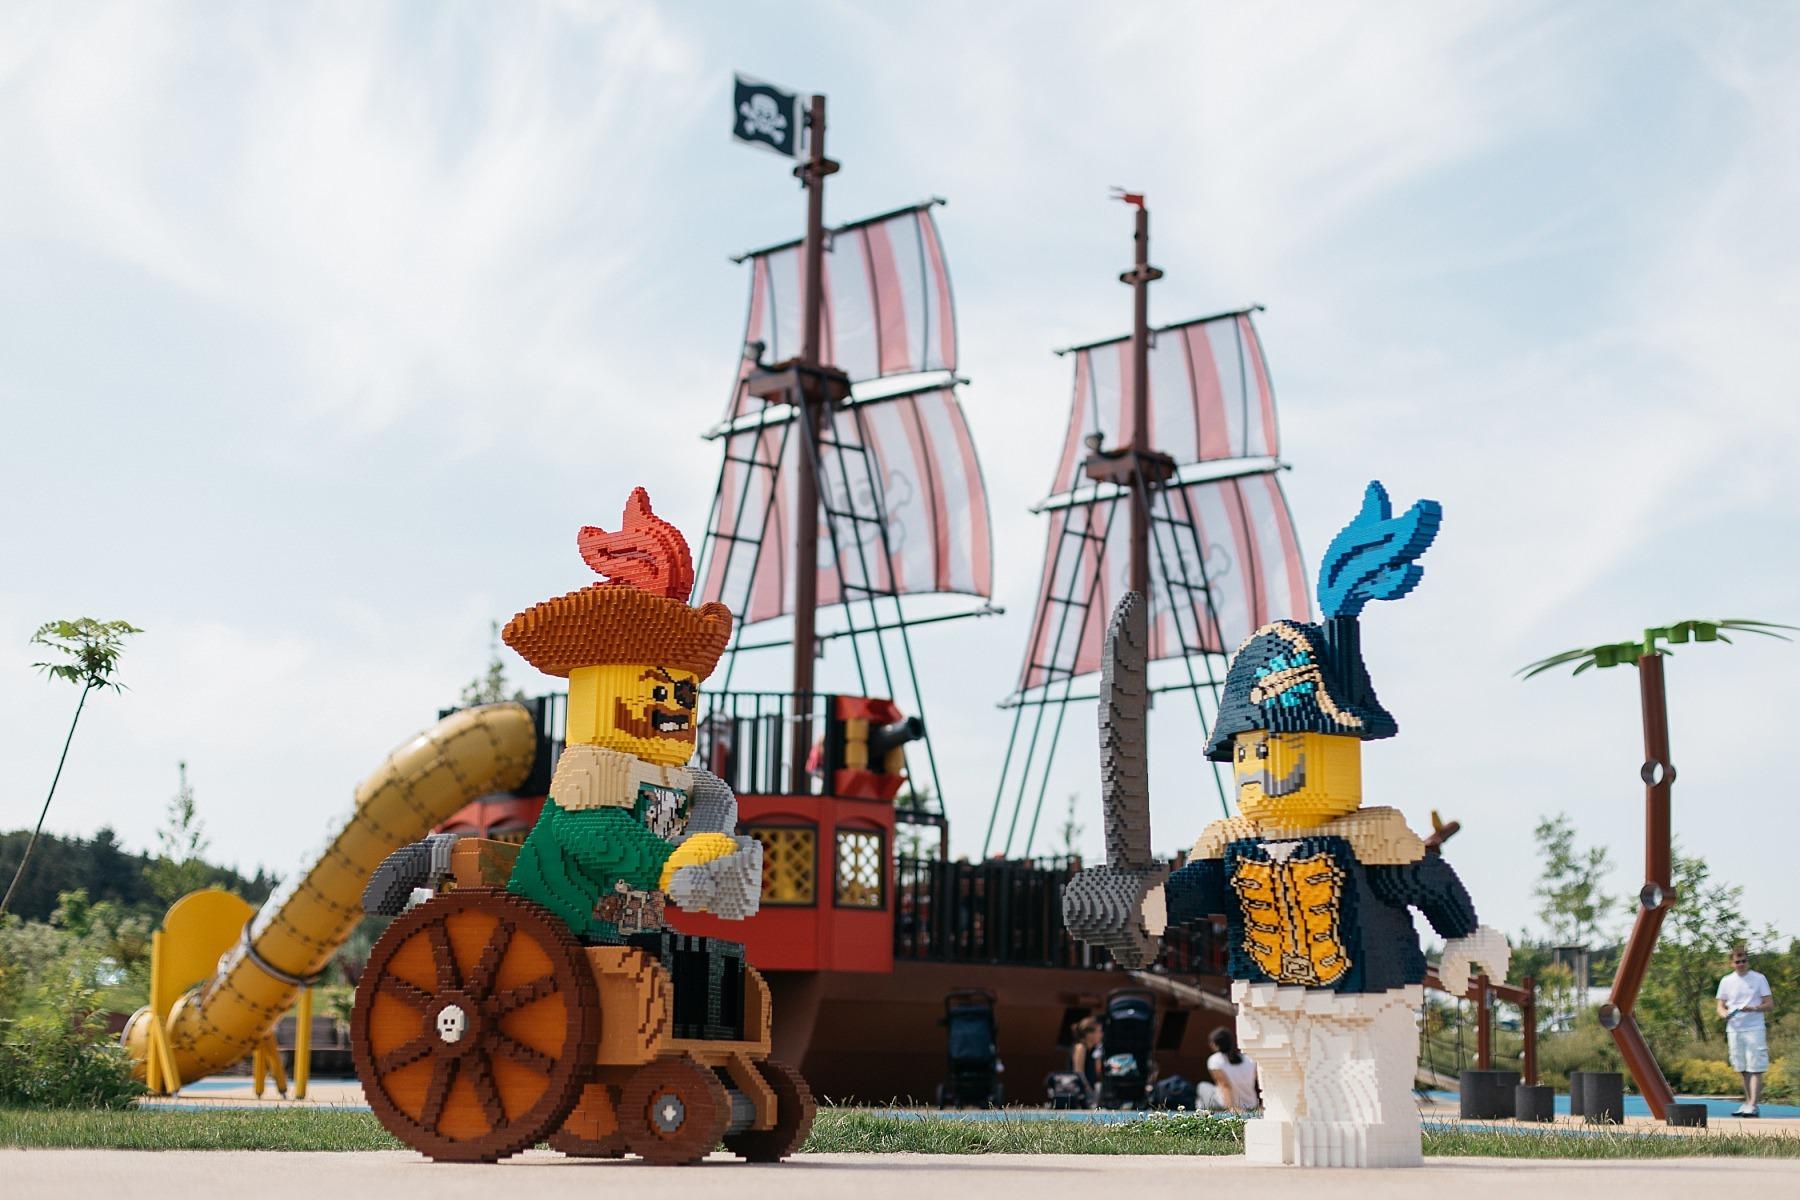 Legoland - 57 millions de briques Lego 71